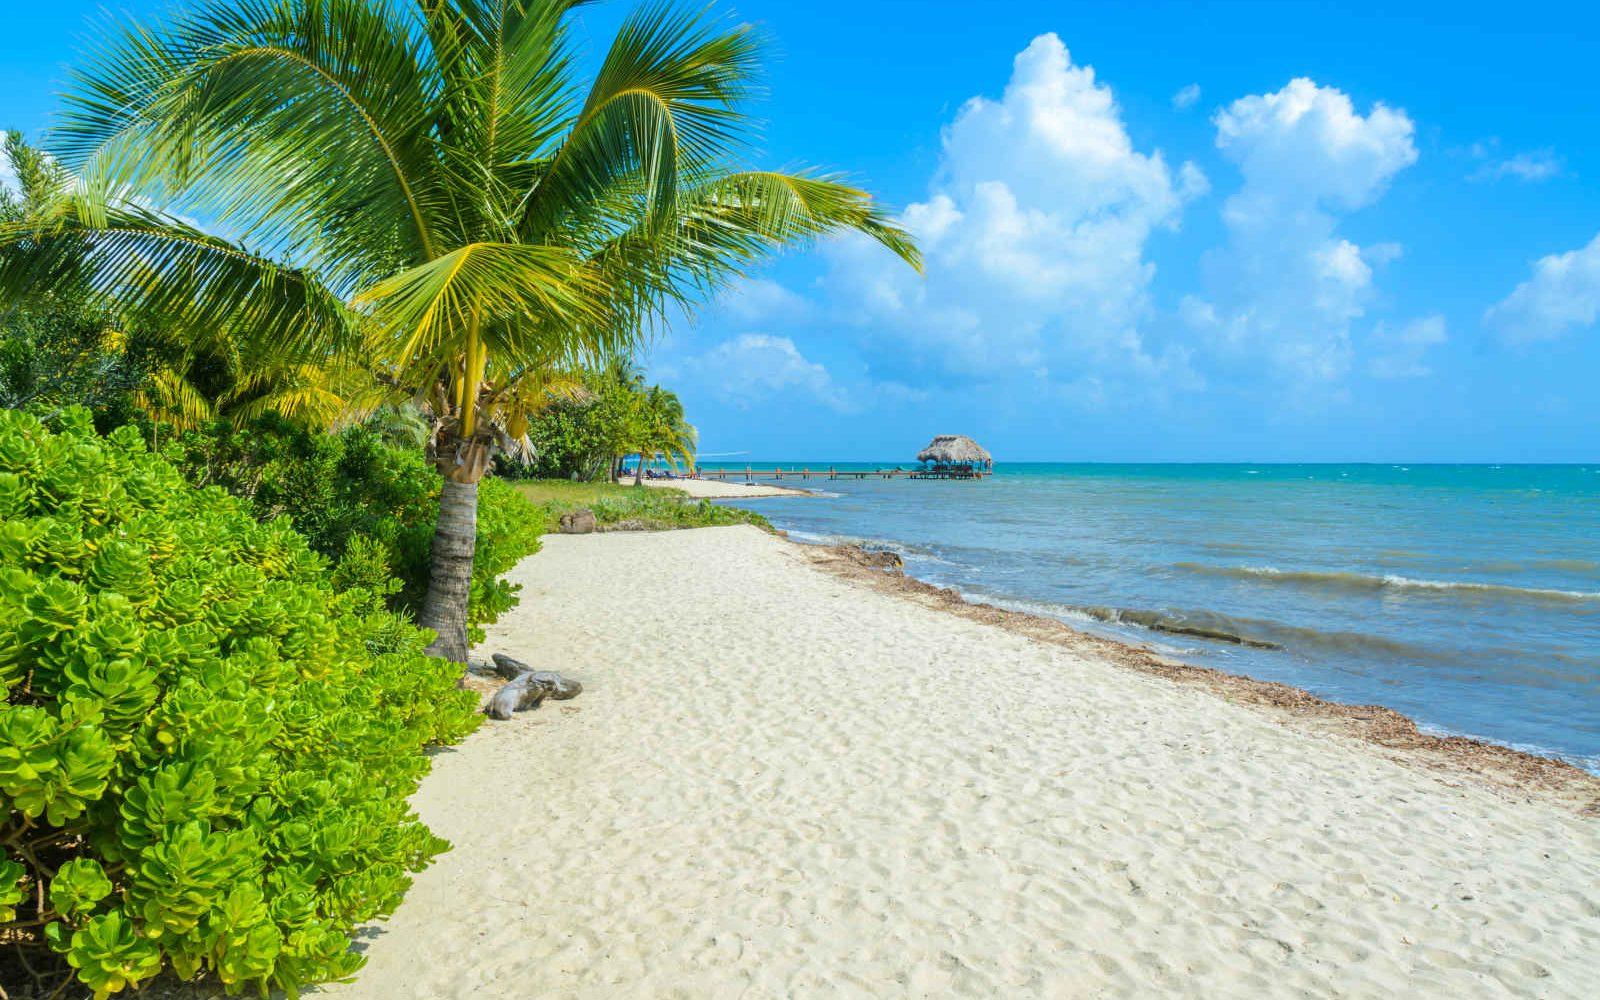 Plage, Placencia, Belize